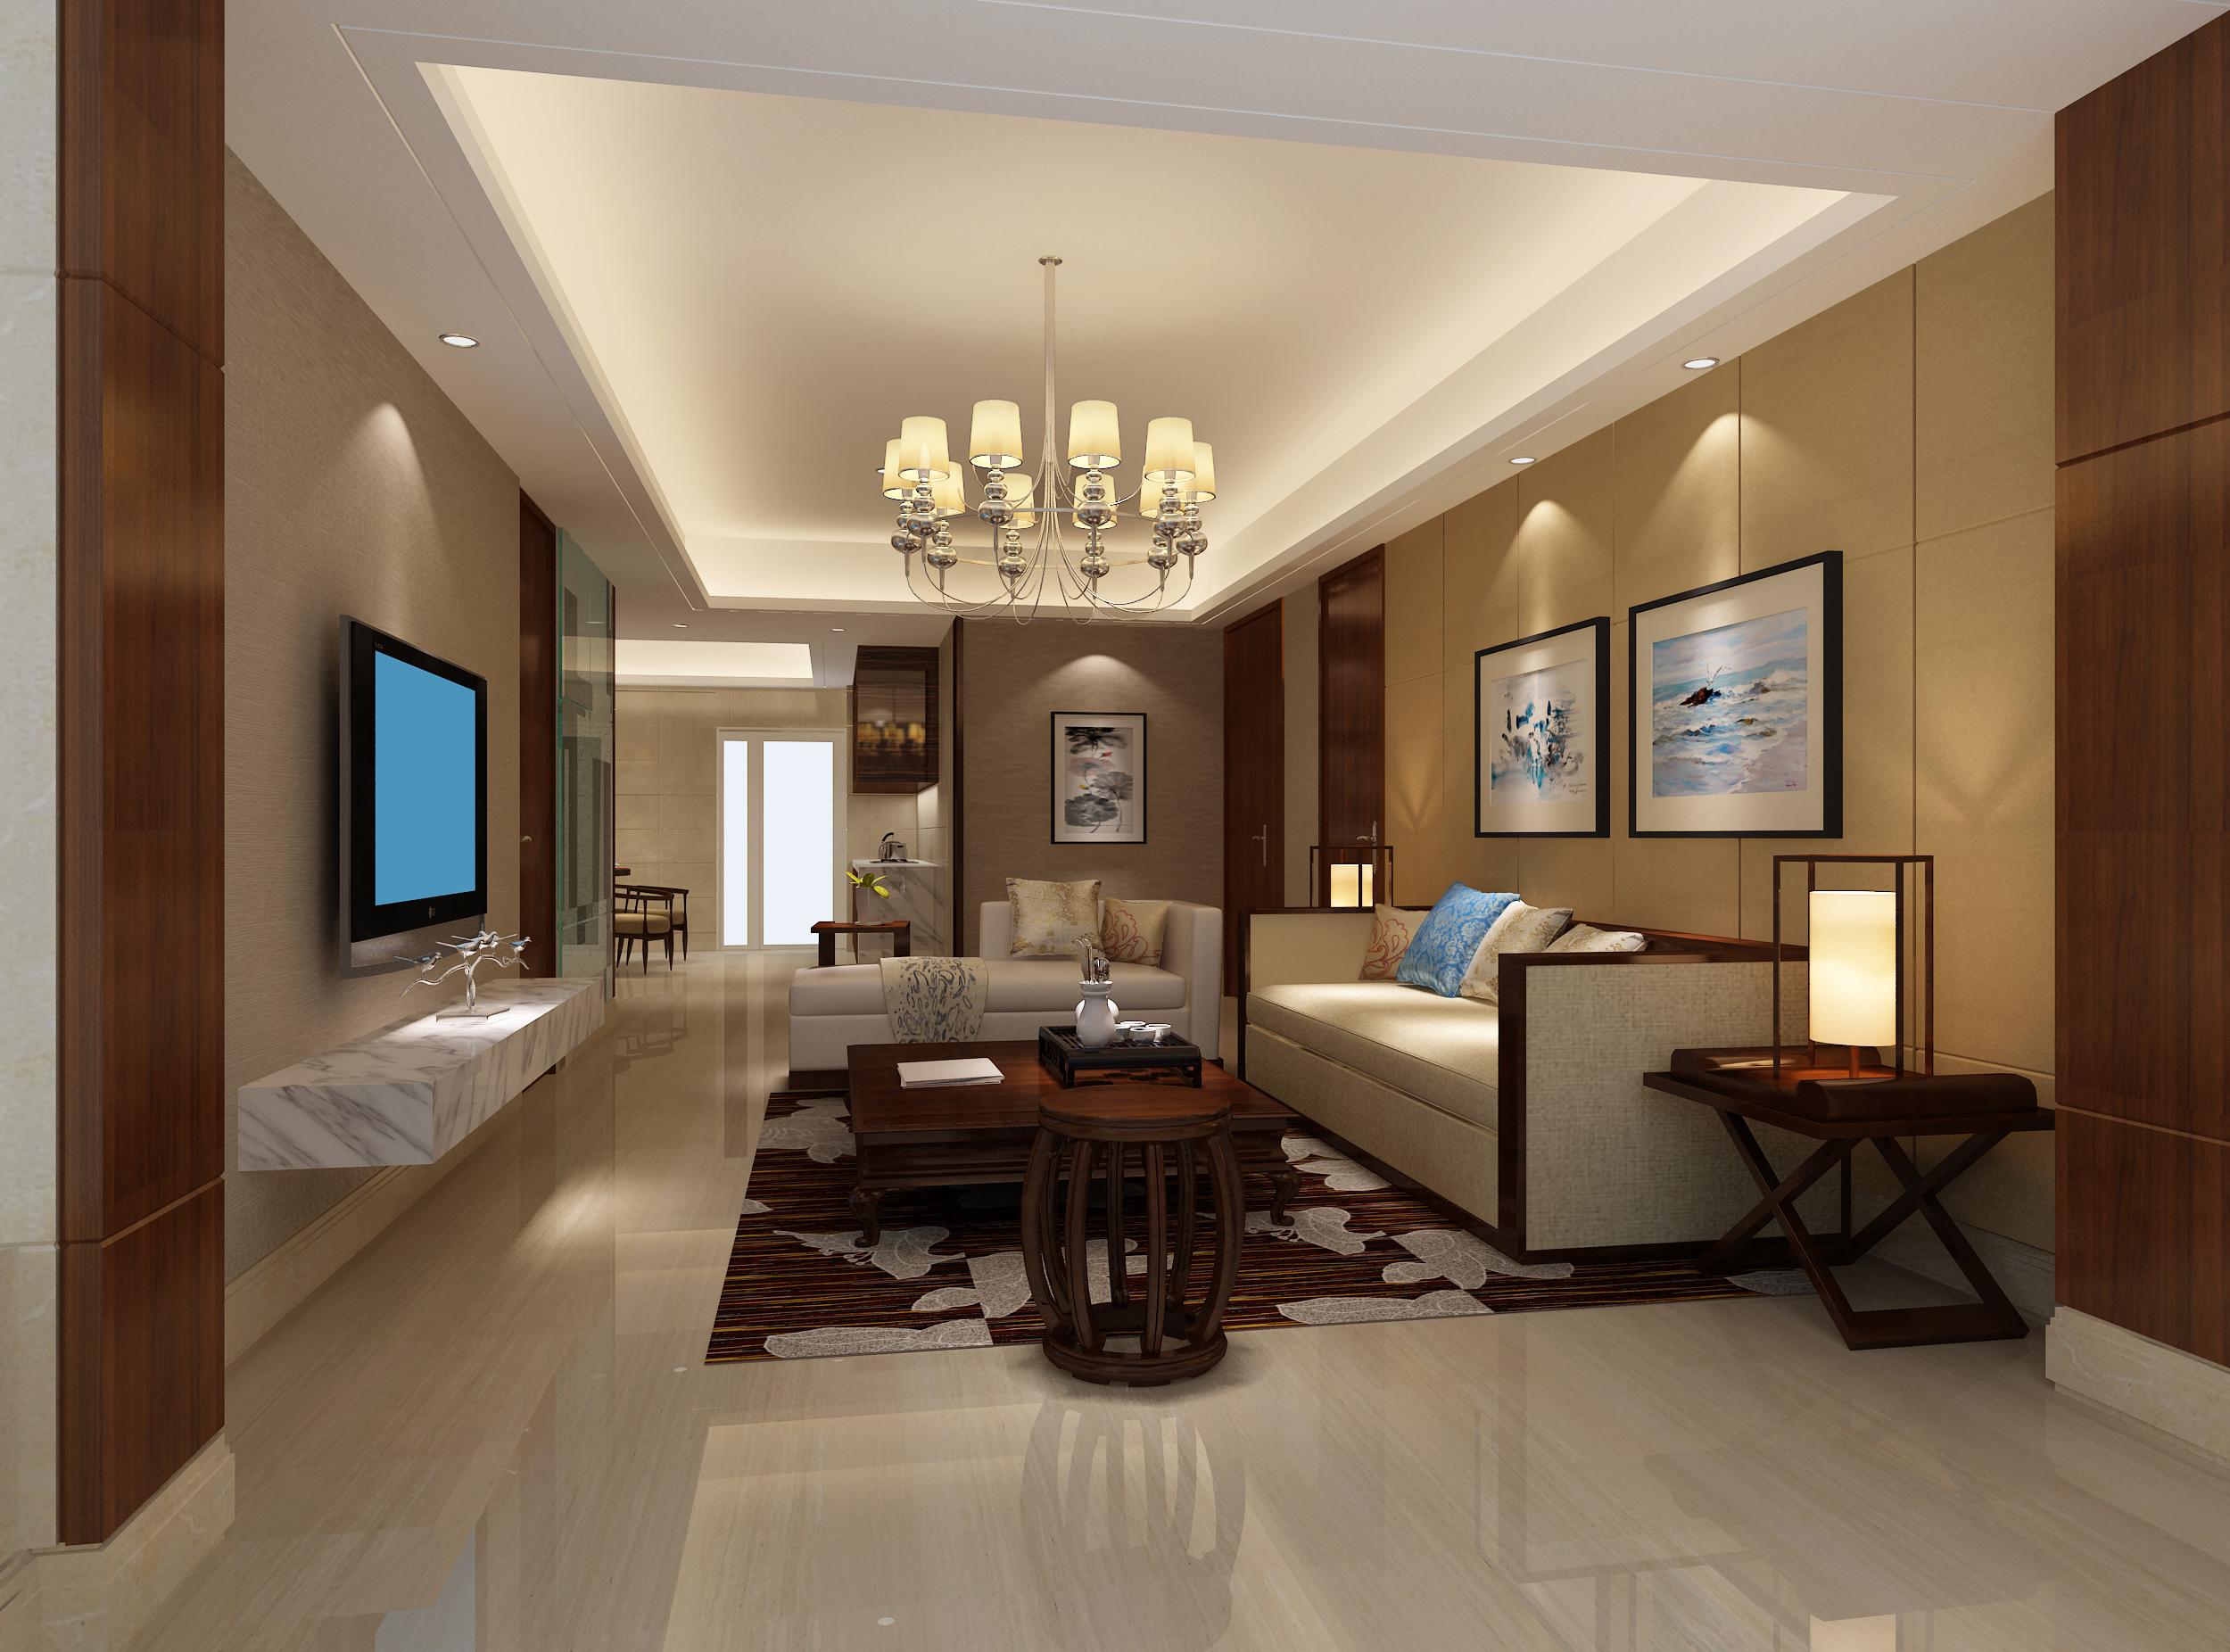 提拉米苏 中式 客厅 客厅图片来自北京合建装饰单聪聪在提拉米苏的分享